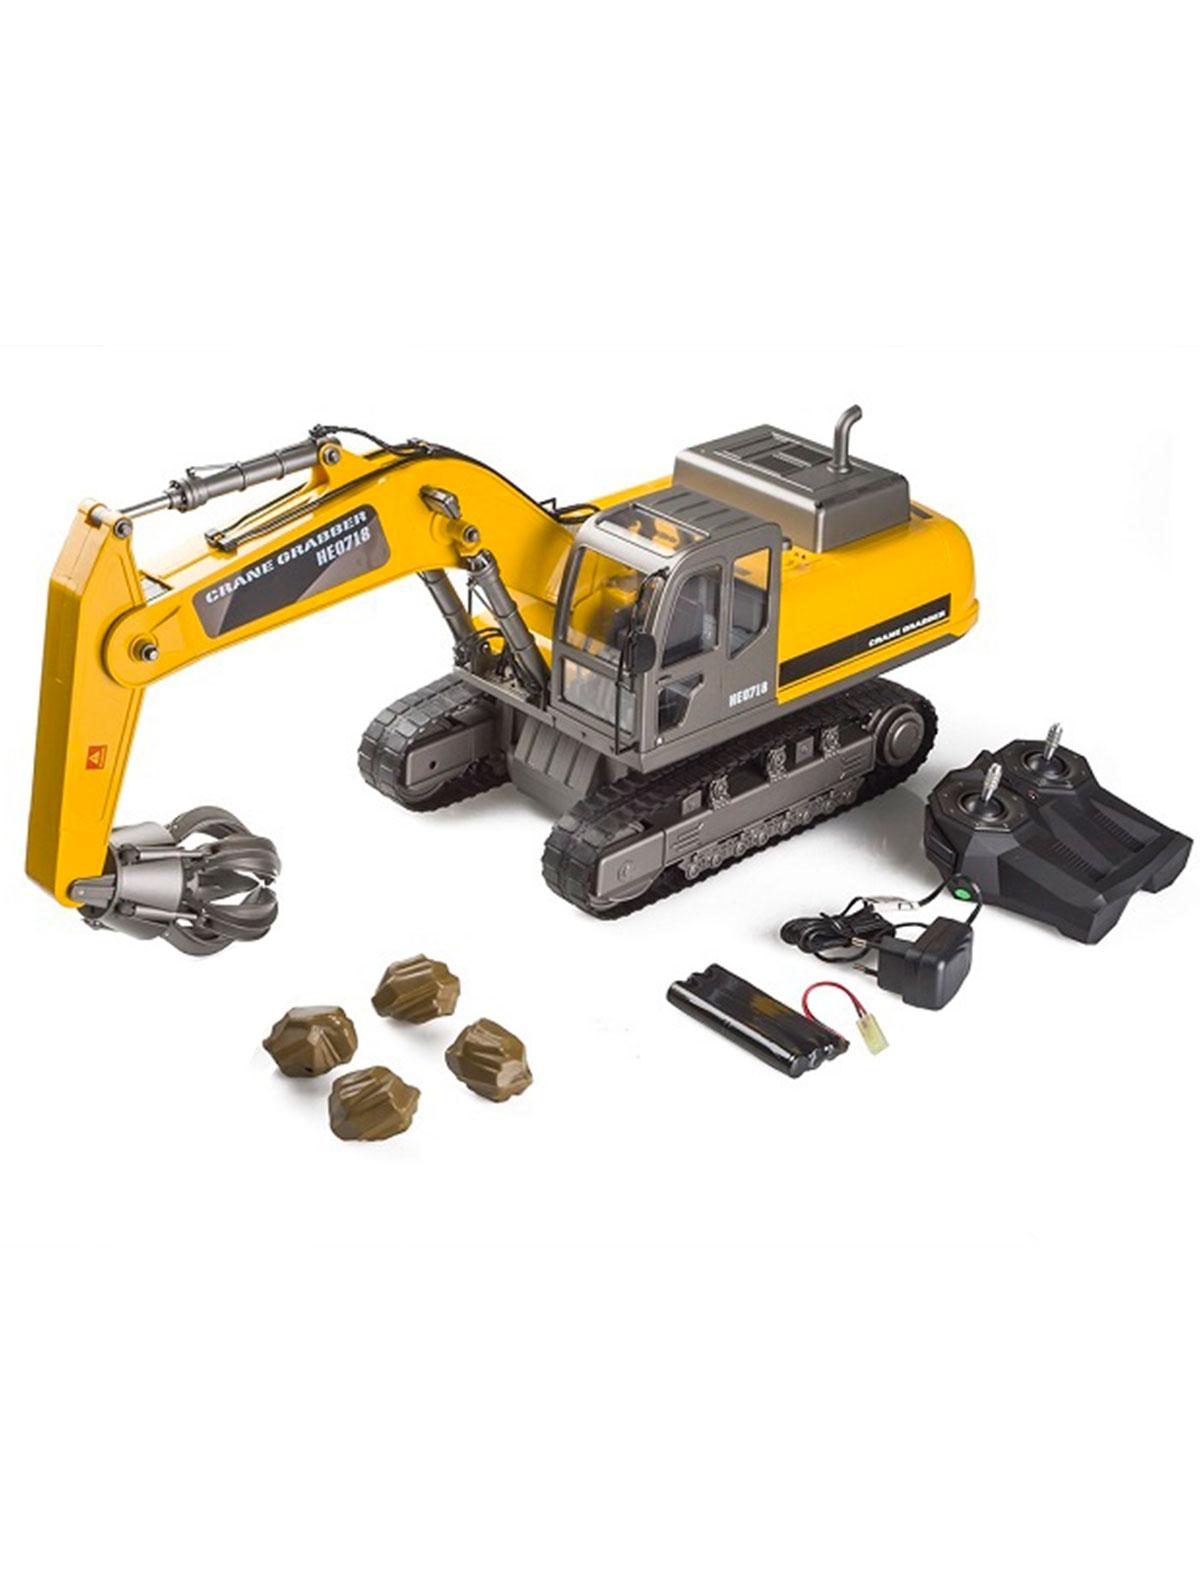 Купить 2349843, Игрушка Hobby engine, разноцветный, 7134529180738